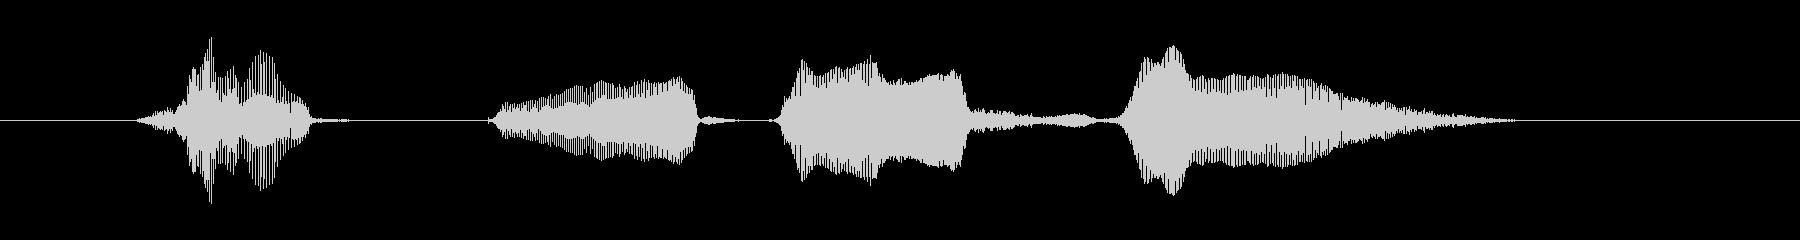 ハッピーバースデー(女の子)の未再生の波形